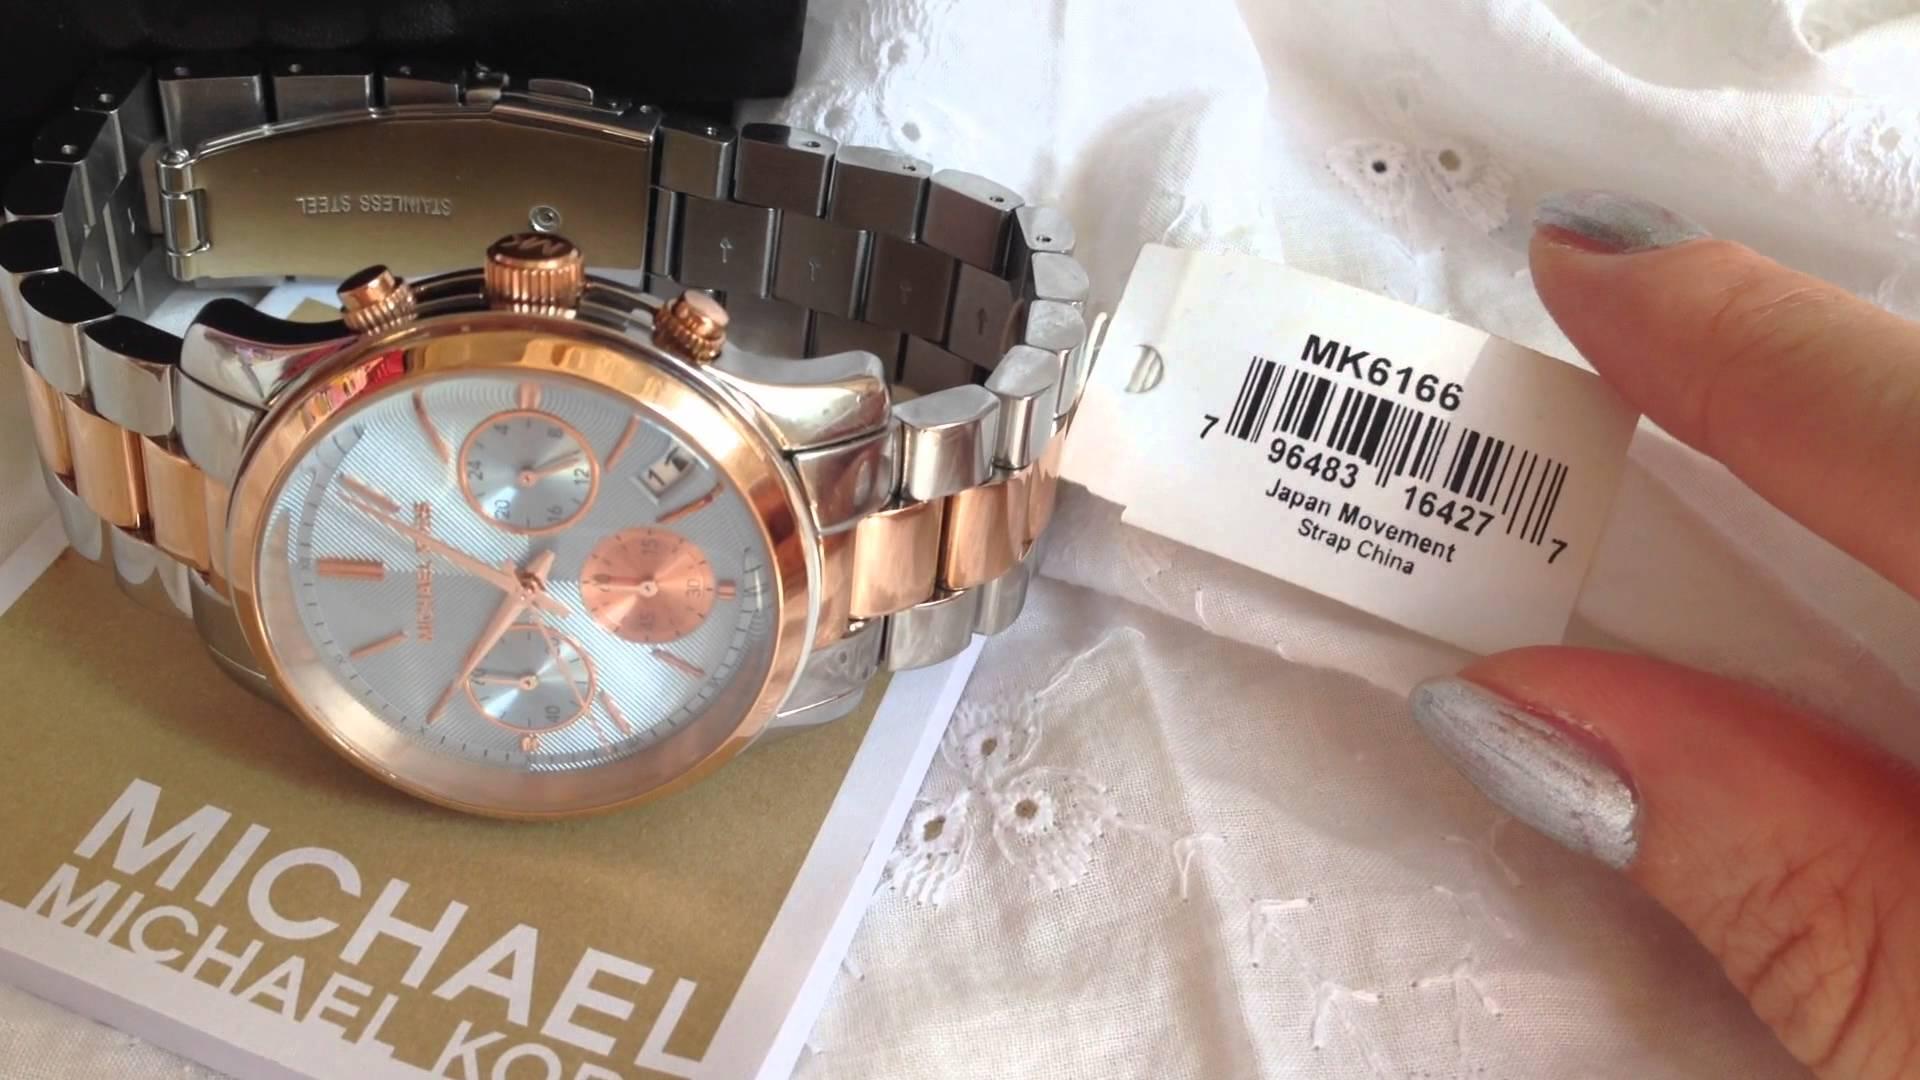 美國Outlet 正品代購 Michael Kors MK 三眼 雙色精鋼 滿鑽 手錶 腕錶 MK6166 6